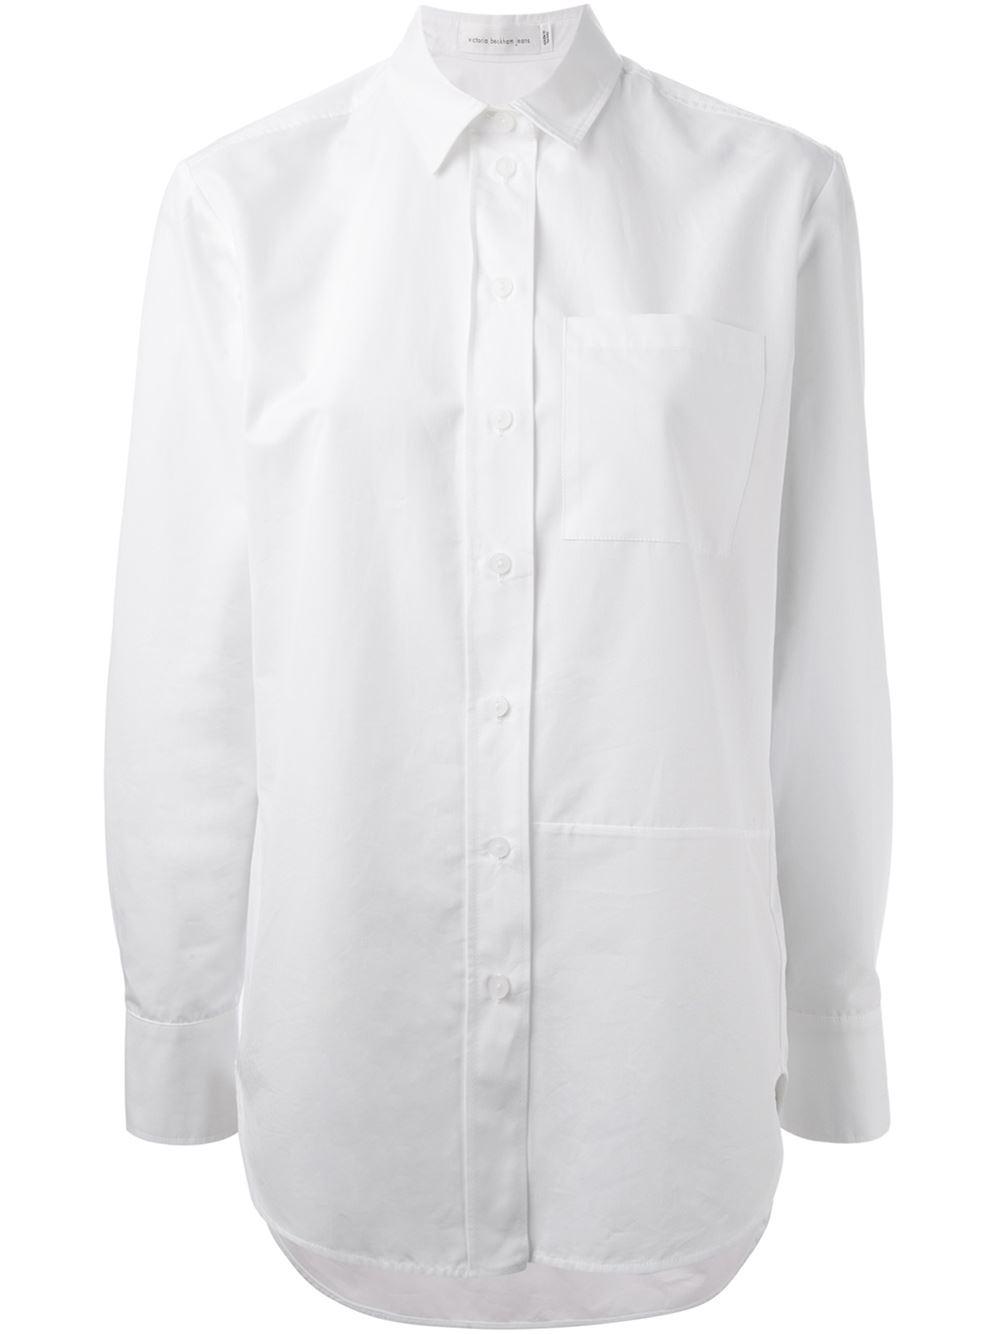 Victoria Beckham Chest Pocket Shirt In White Lyst